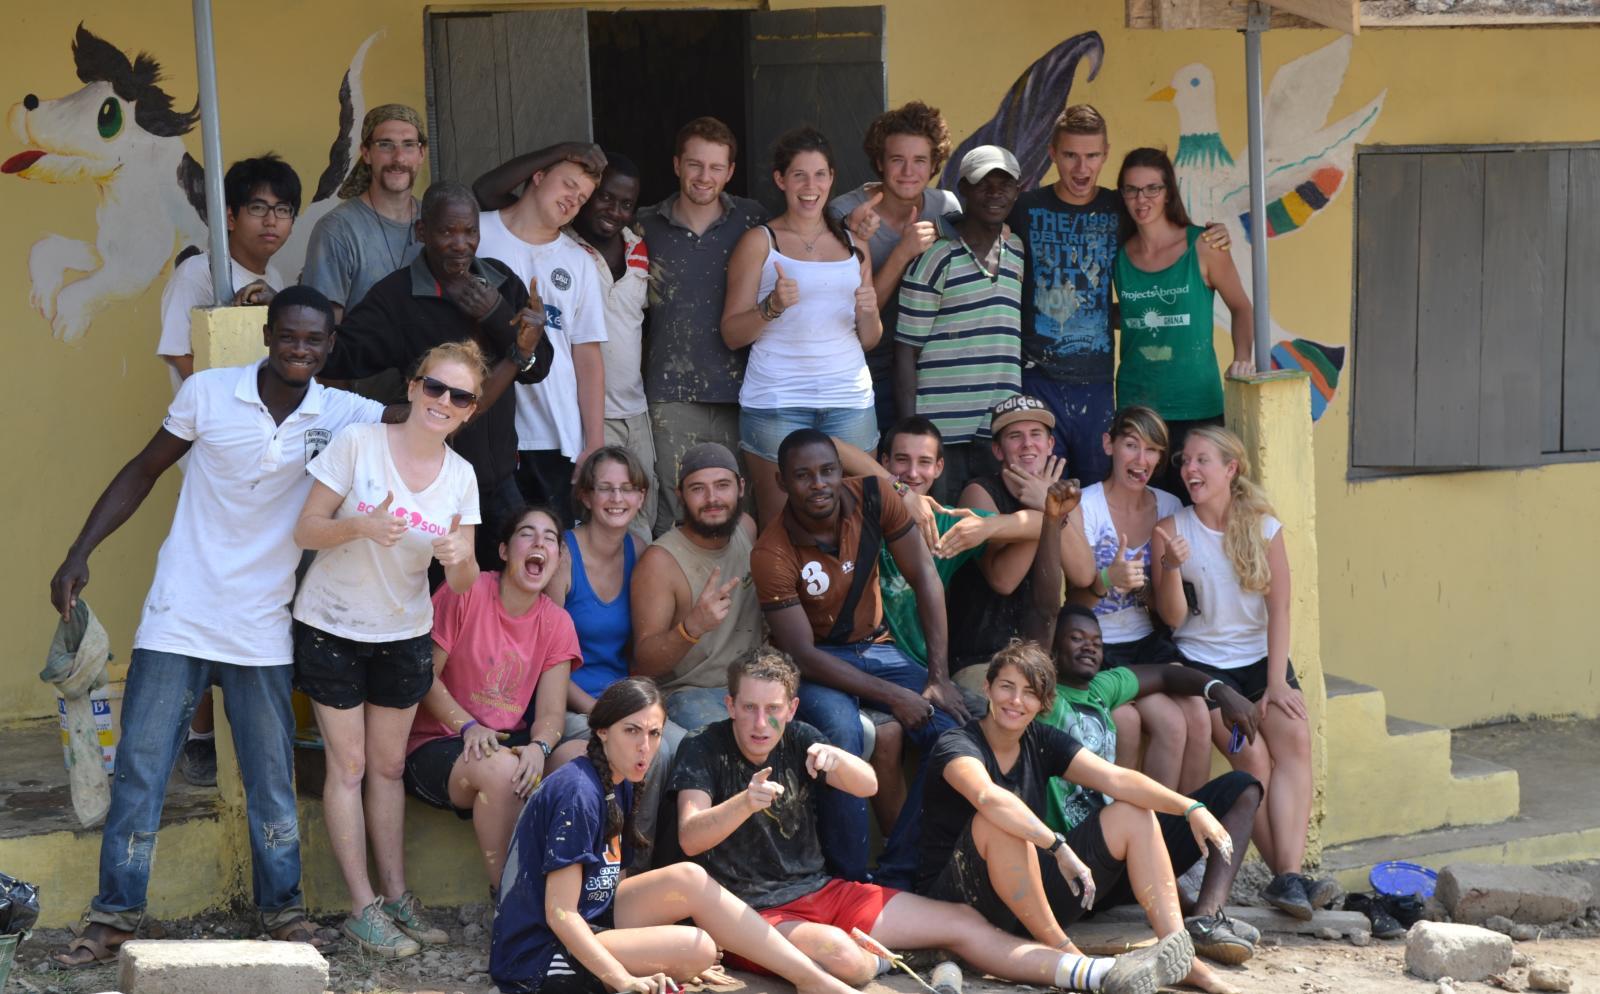 Foto grupal de voluntarios en un año sabático antes de la universidad.